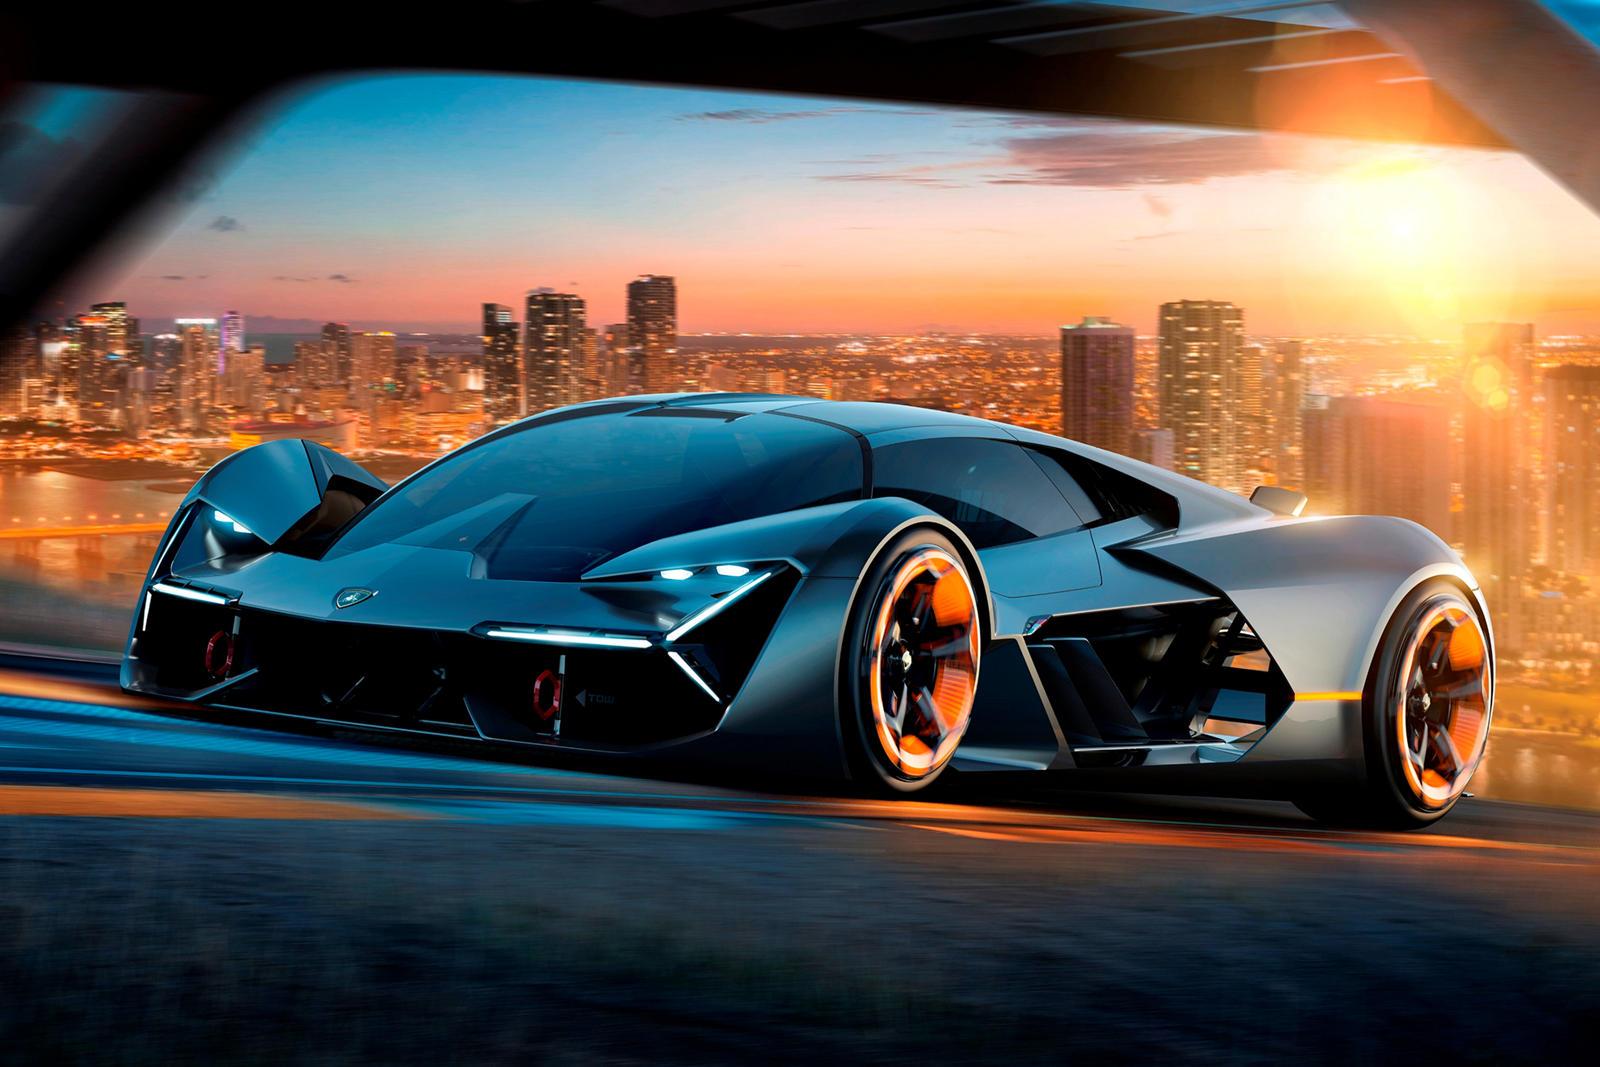 2021 Lamborghini Aventador Speed Test